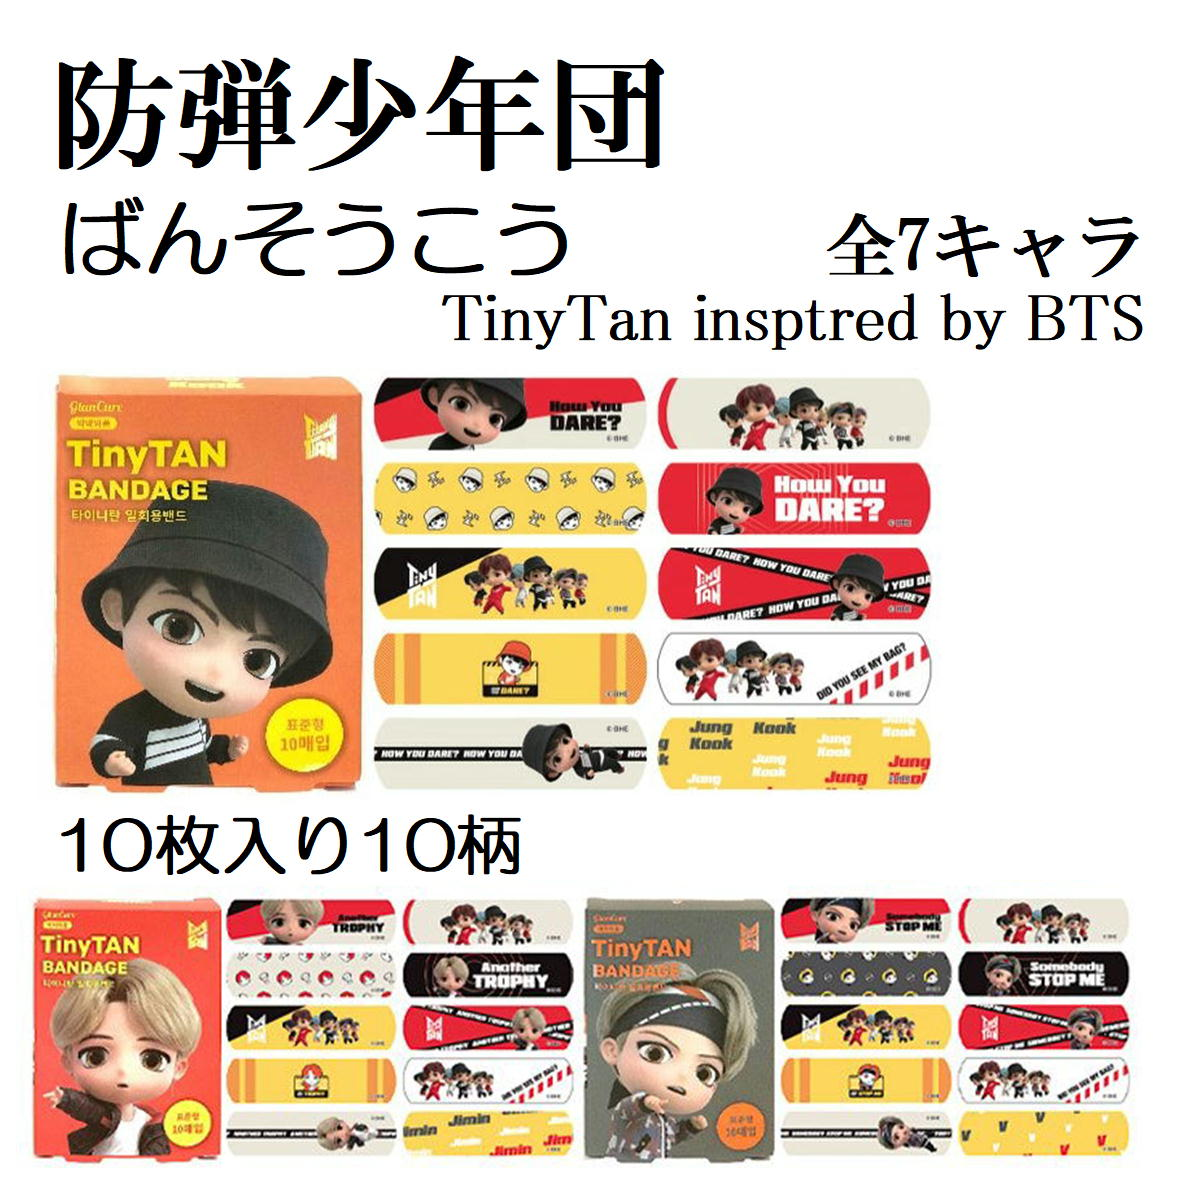 衛生日用品・衛生医療品, 絆創膏 BTS TinyTAN 10 10